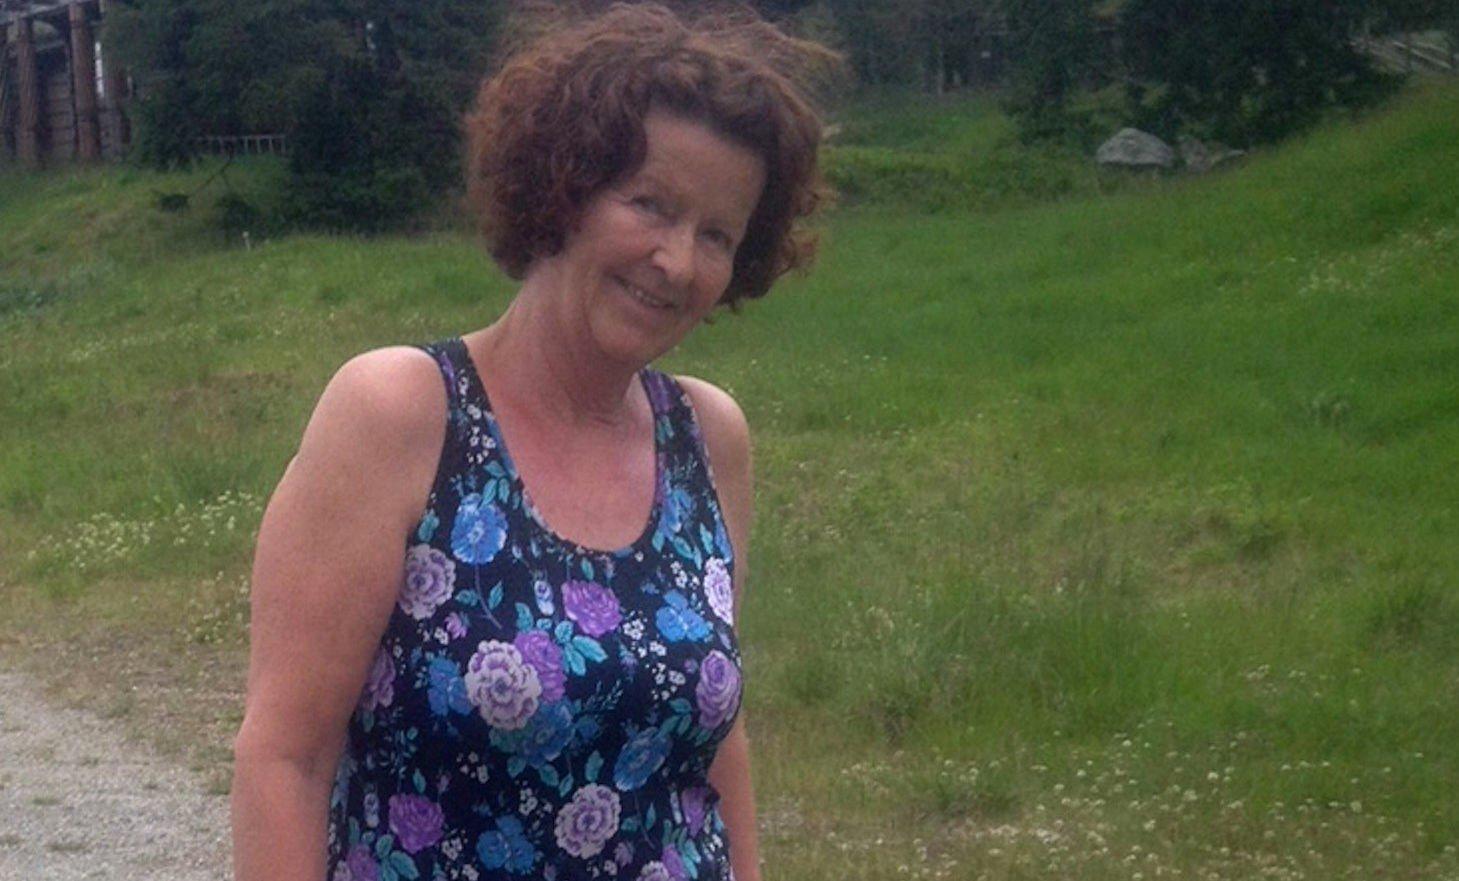 Anne-Elisabeth Falkevik Hagen skal ha blitt bortført fra badet i sin egen bolig 31. oktober i fjor. Det har ikke vært noe livstegn fra henne siden. Kidnapperne skal ha fremsatt et pengekrav tilsvarende 86 millioner kroner mot at hun skal løslates.